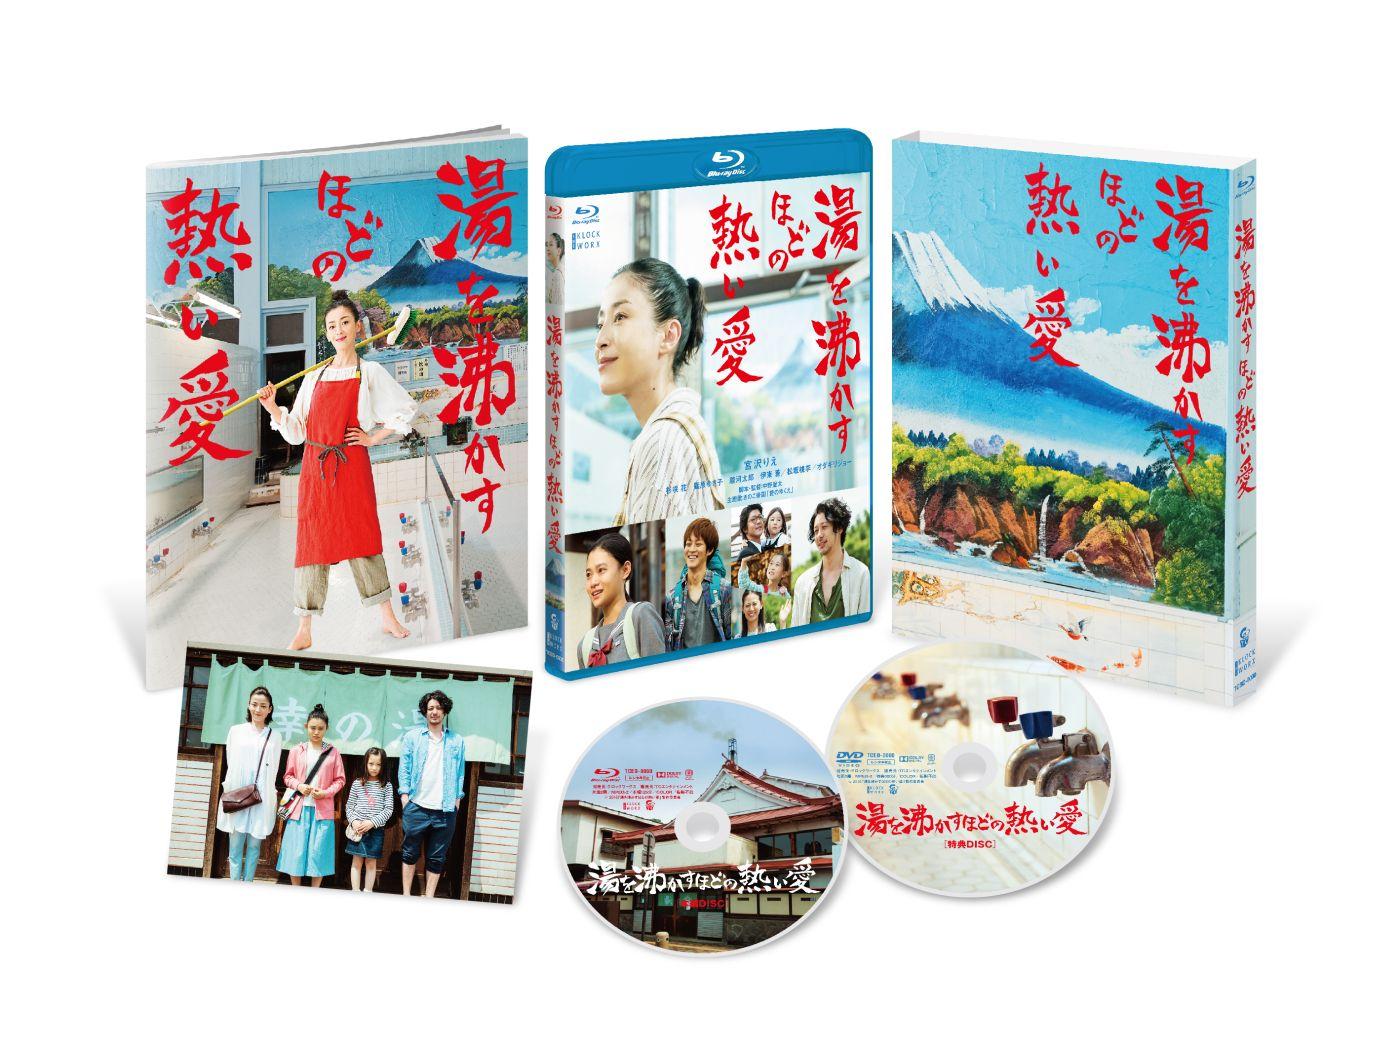 湯を沸かすほどの熱い愛 Blu-ray 豪華版【Blu-ray】 [ 宮沢りえ ]